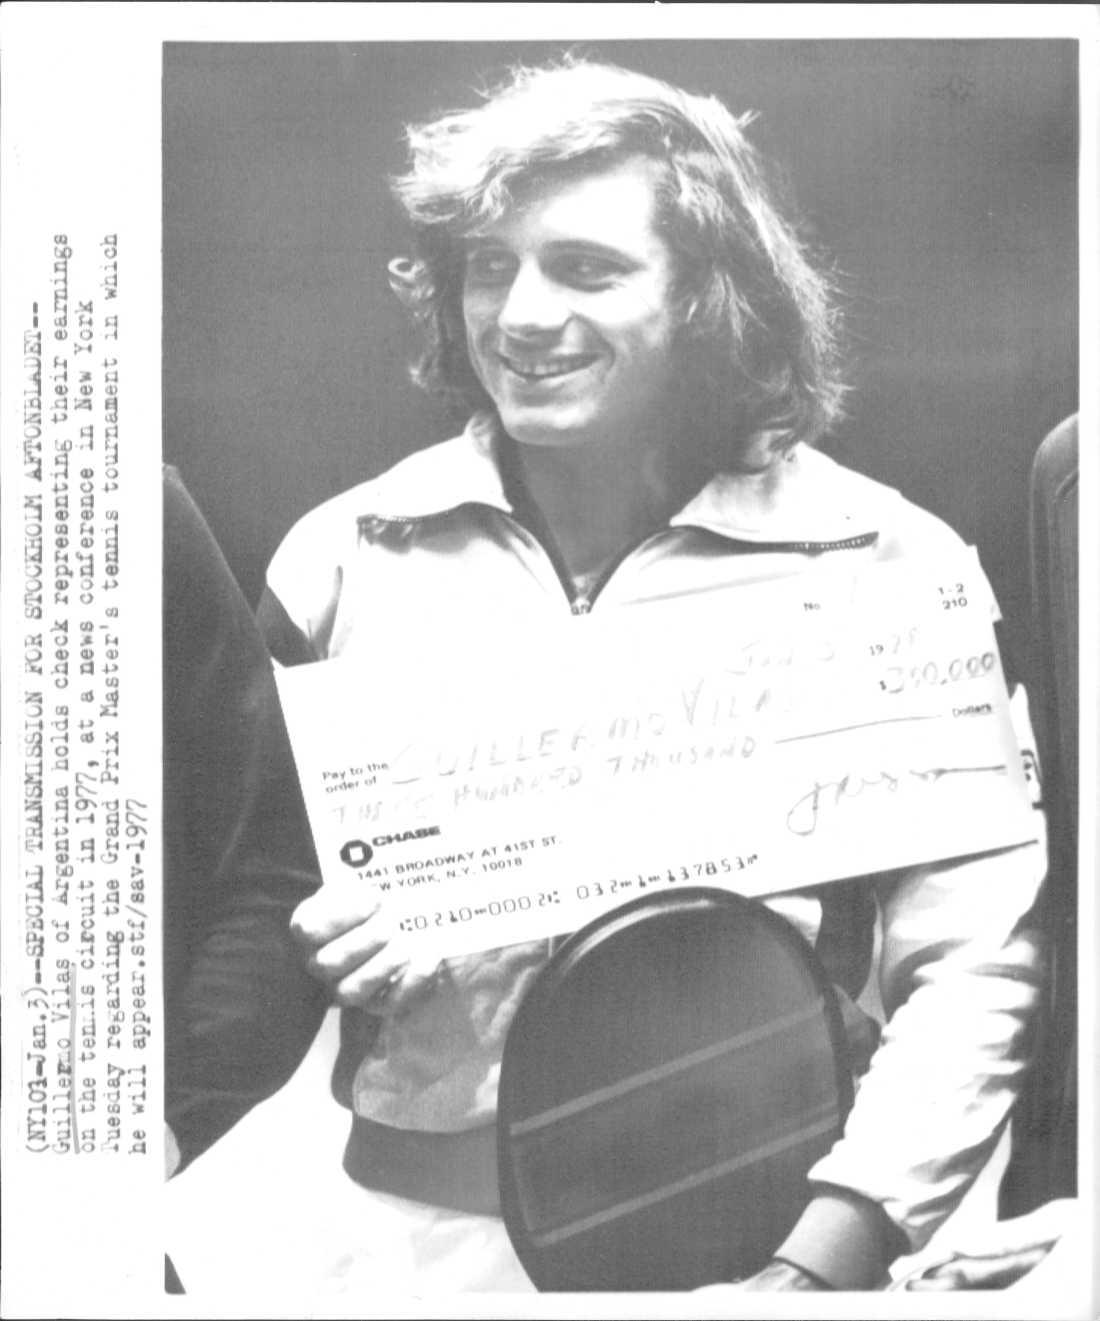 1977, Guillermo Vilas (ARG) Vann över Brian Gottfried (USA) med siffrorna 6-0, 6-3, 6-0.